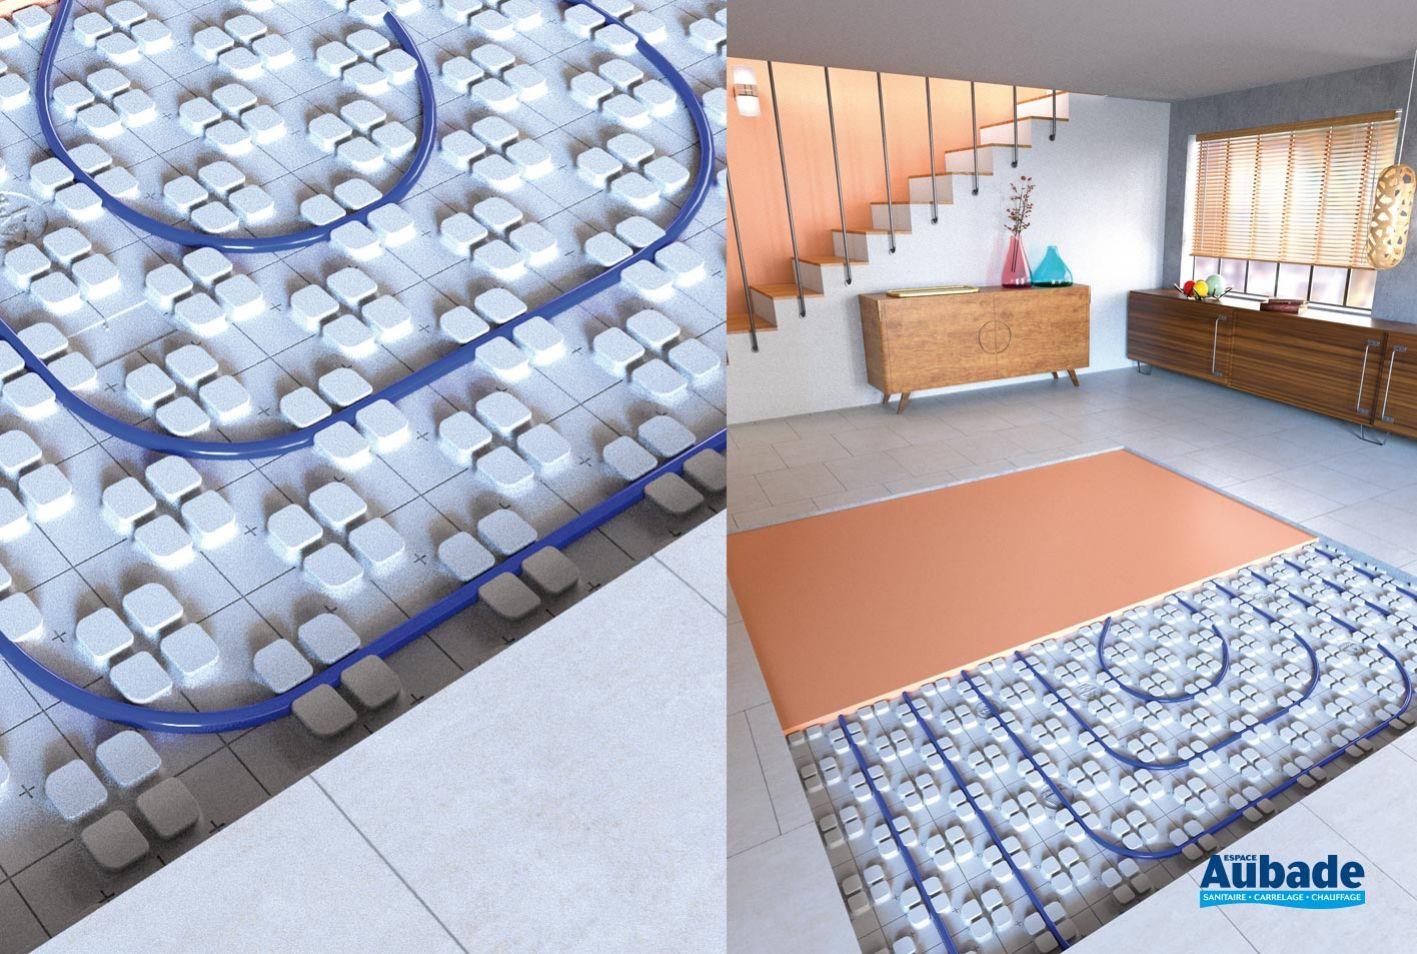 Carrelage Sur Plancher Chauffant Basse Temperature sol chauffant thermactif de thermacome   espace aubade